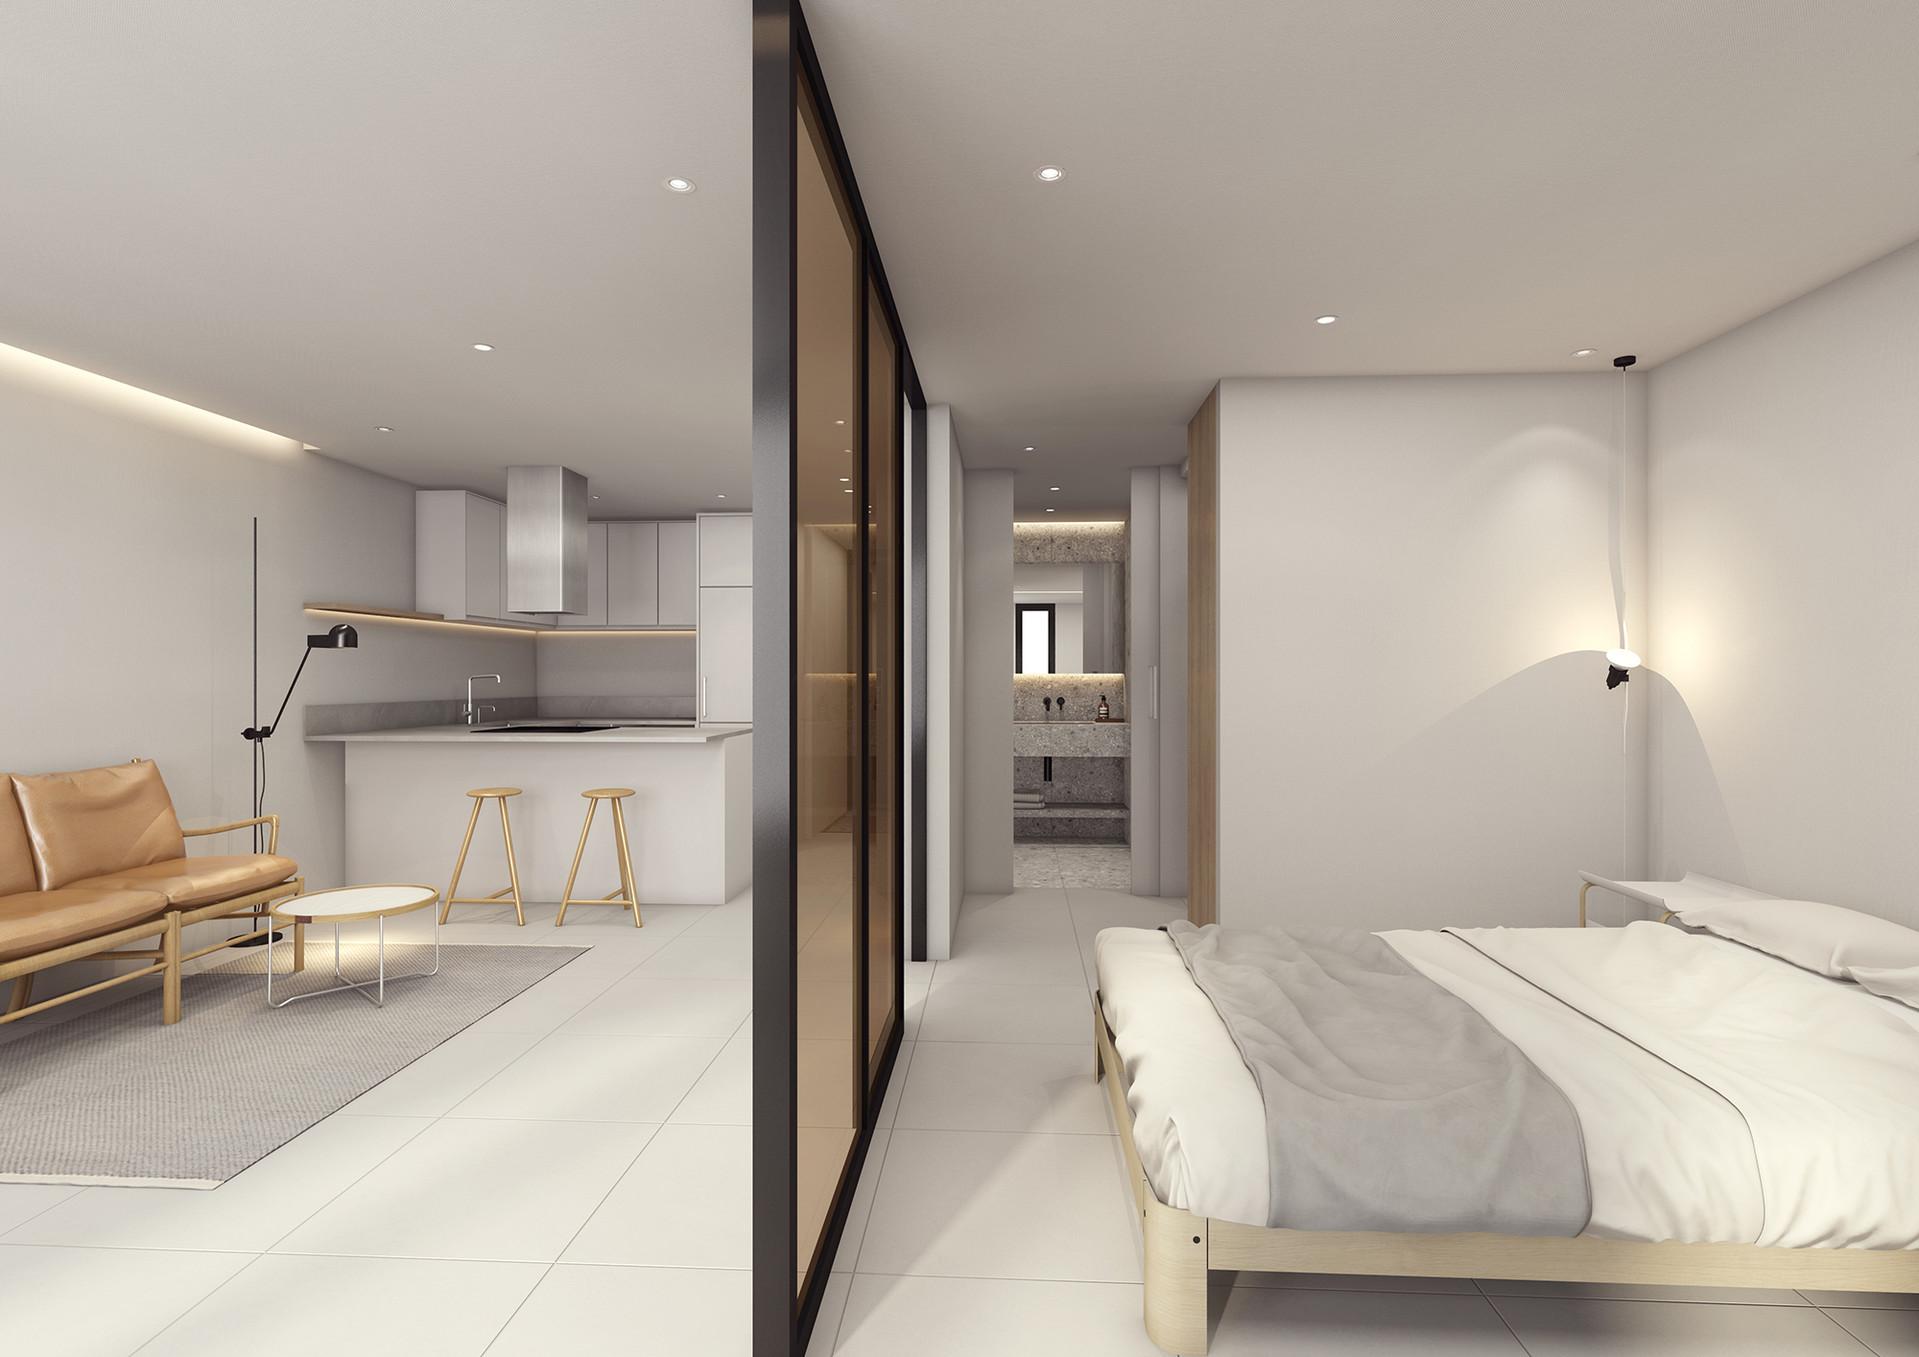 거실과 주방, 화장실, 침실을 연결하는 순환동선